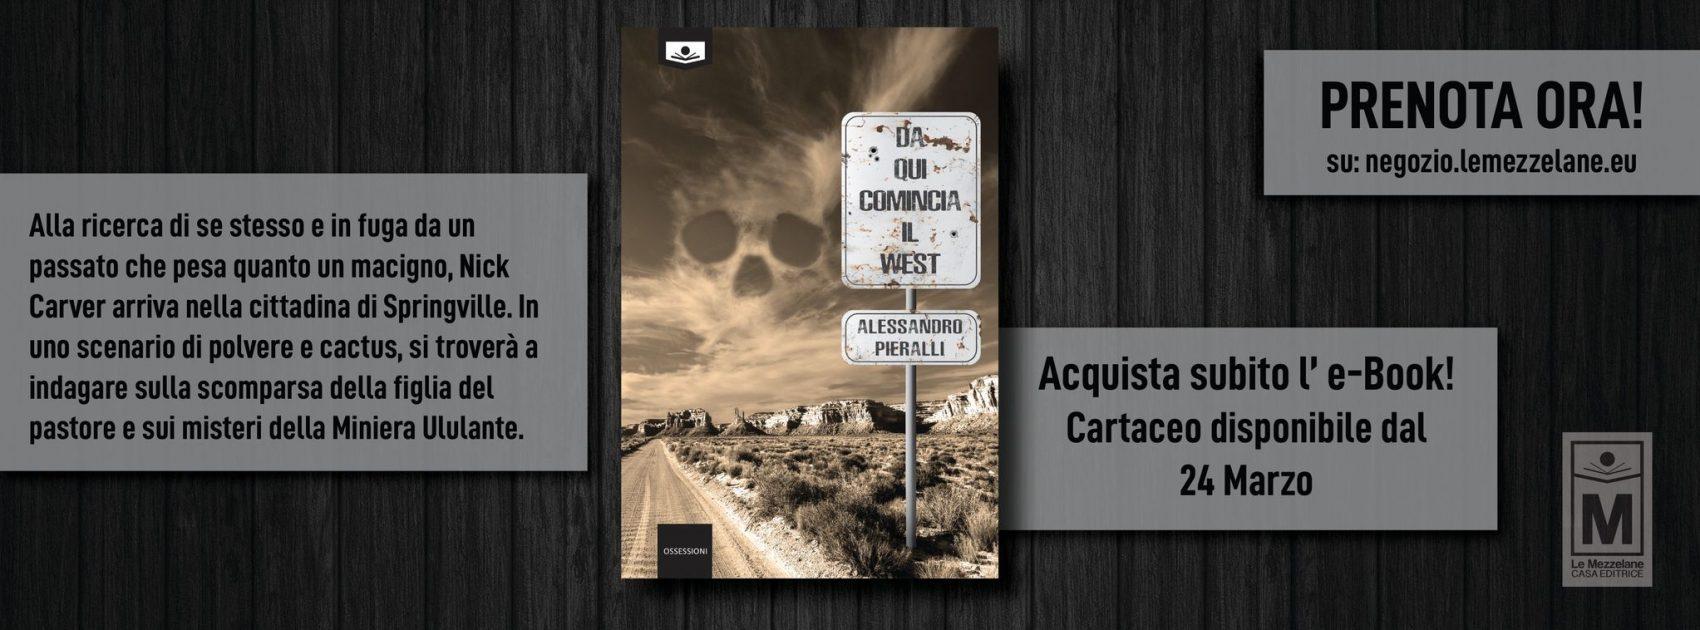 Alla ricerca di se stesso e in fuga da un passato che pesa quanto un macigno, Nick Carver arriva nella cittadina di Springville. In uno scenario di polvere e cactus, si troverà a indagare sulla scomparsa della figlia del pastore e sui misteri della Miniera Ululante.